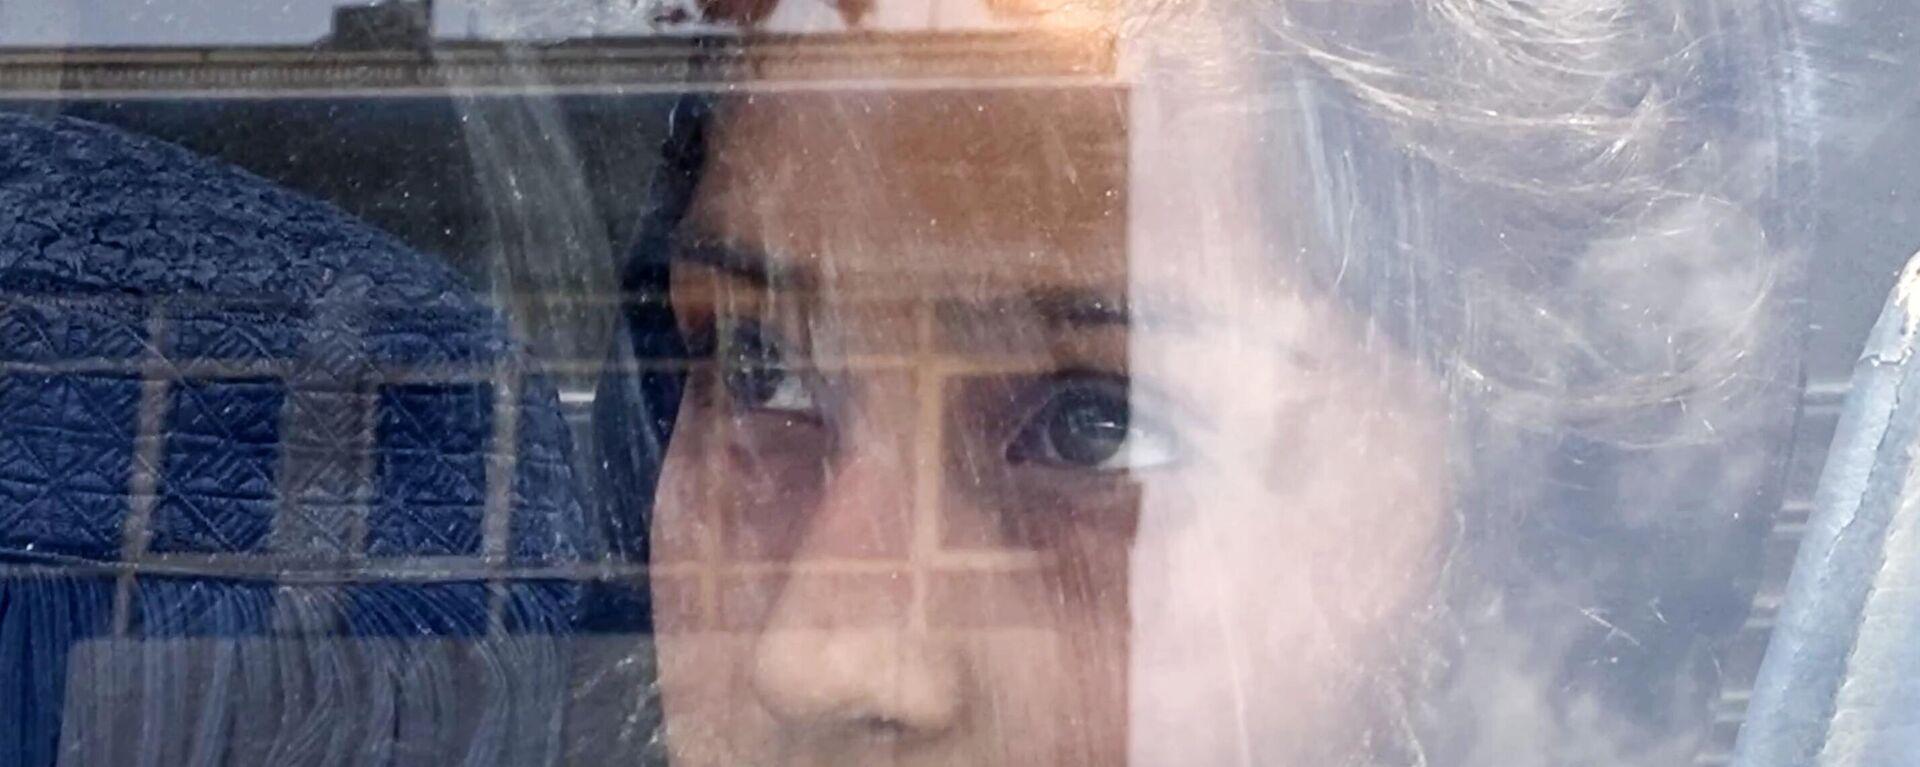 Una bambina afghana - Sputnik Italia, 1920, 23.08.2021